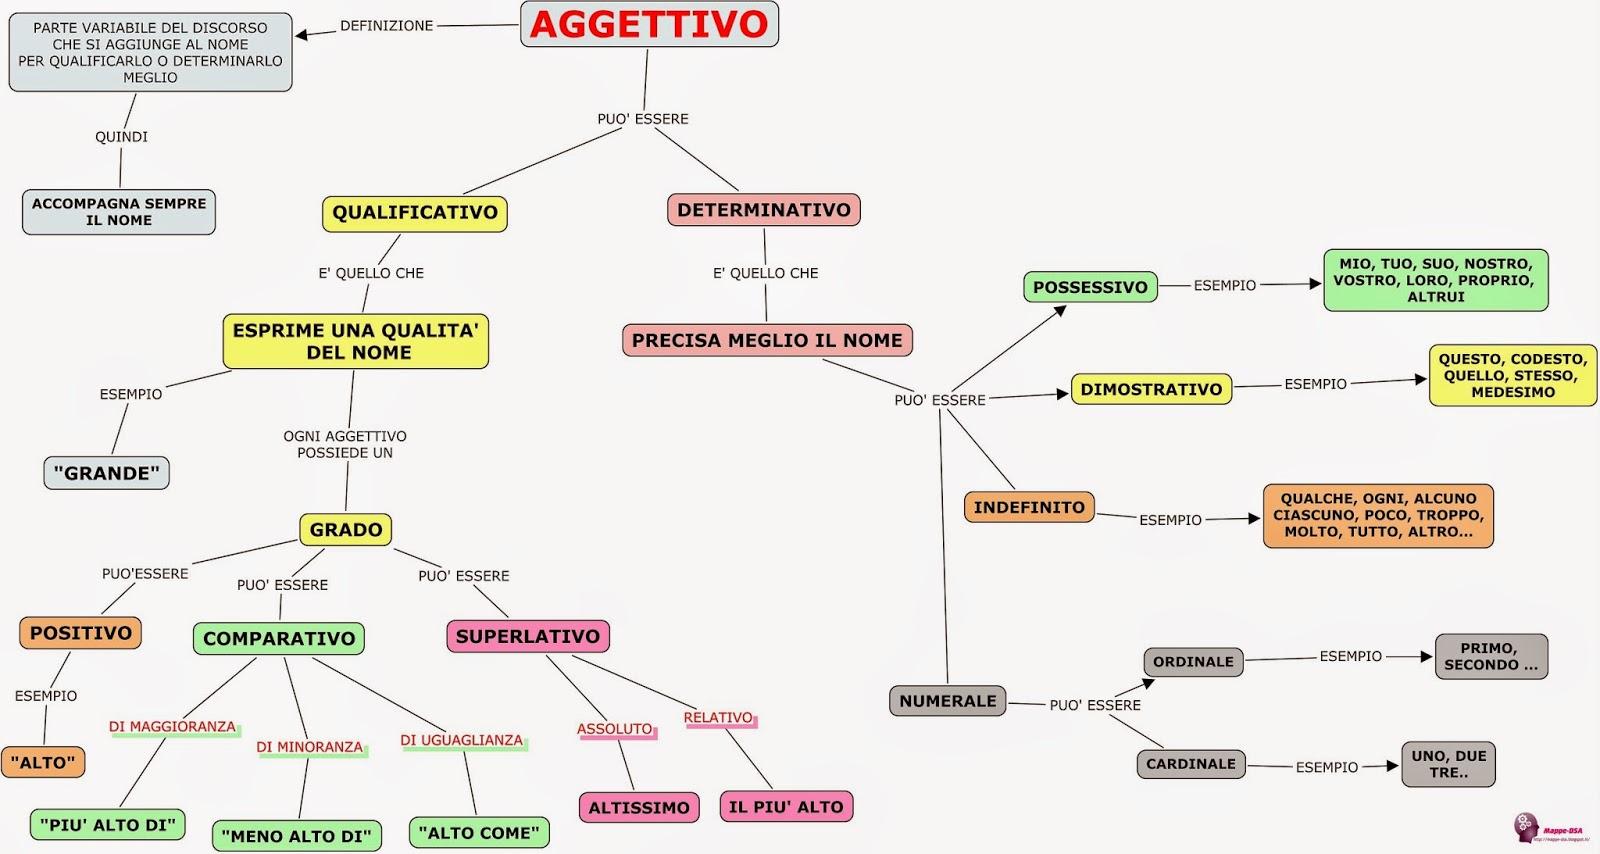 mappa dsa grammatica aggettivo